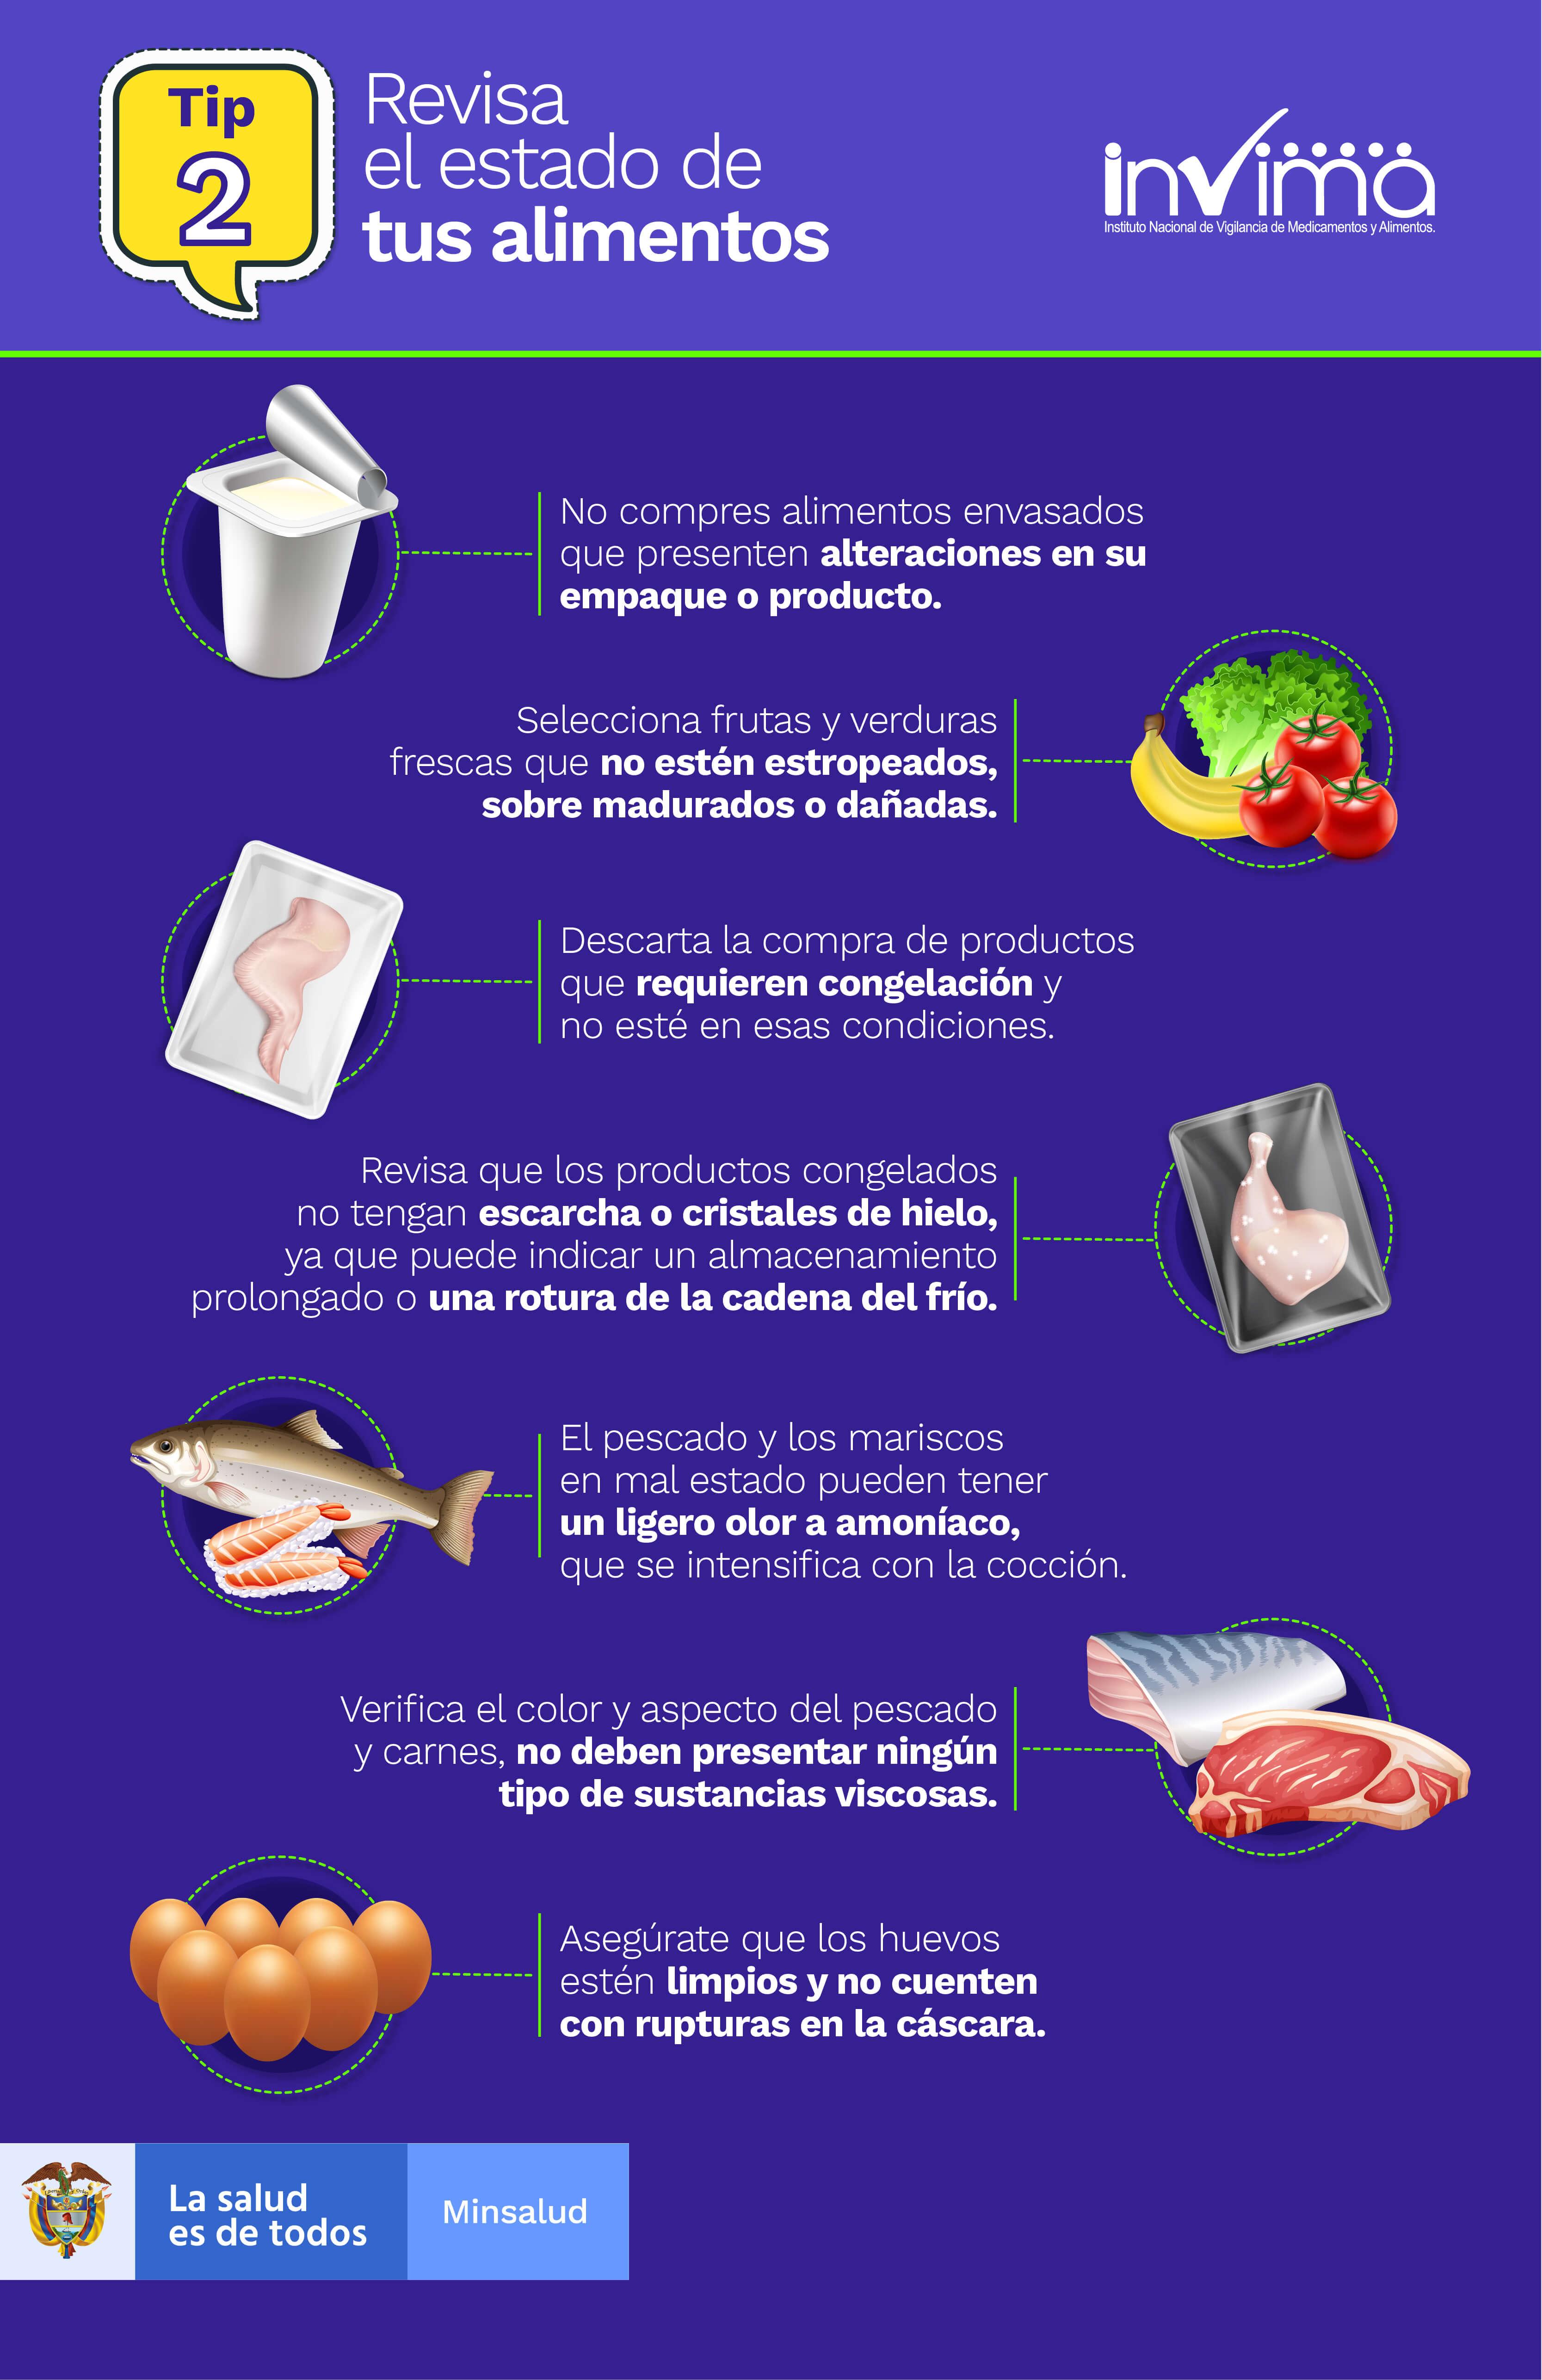 TIP 2 - Revisa el estado de los alimentos